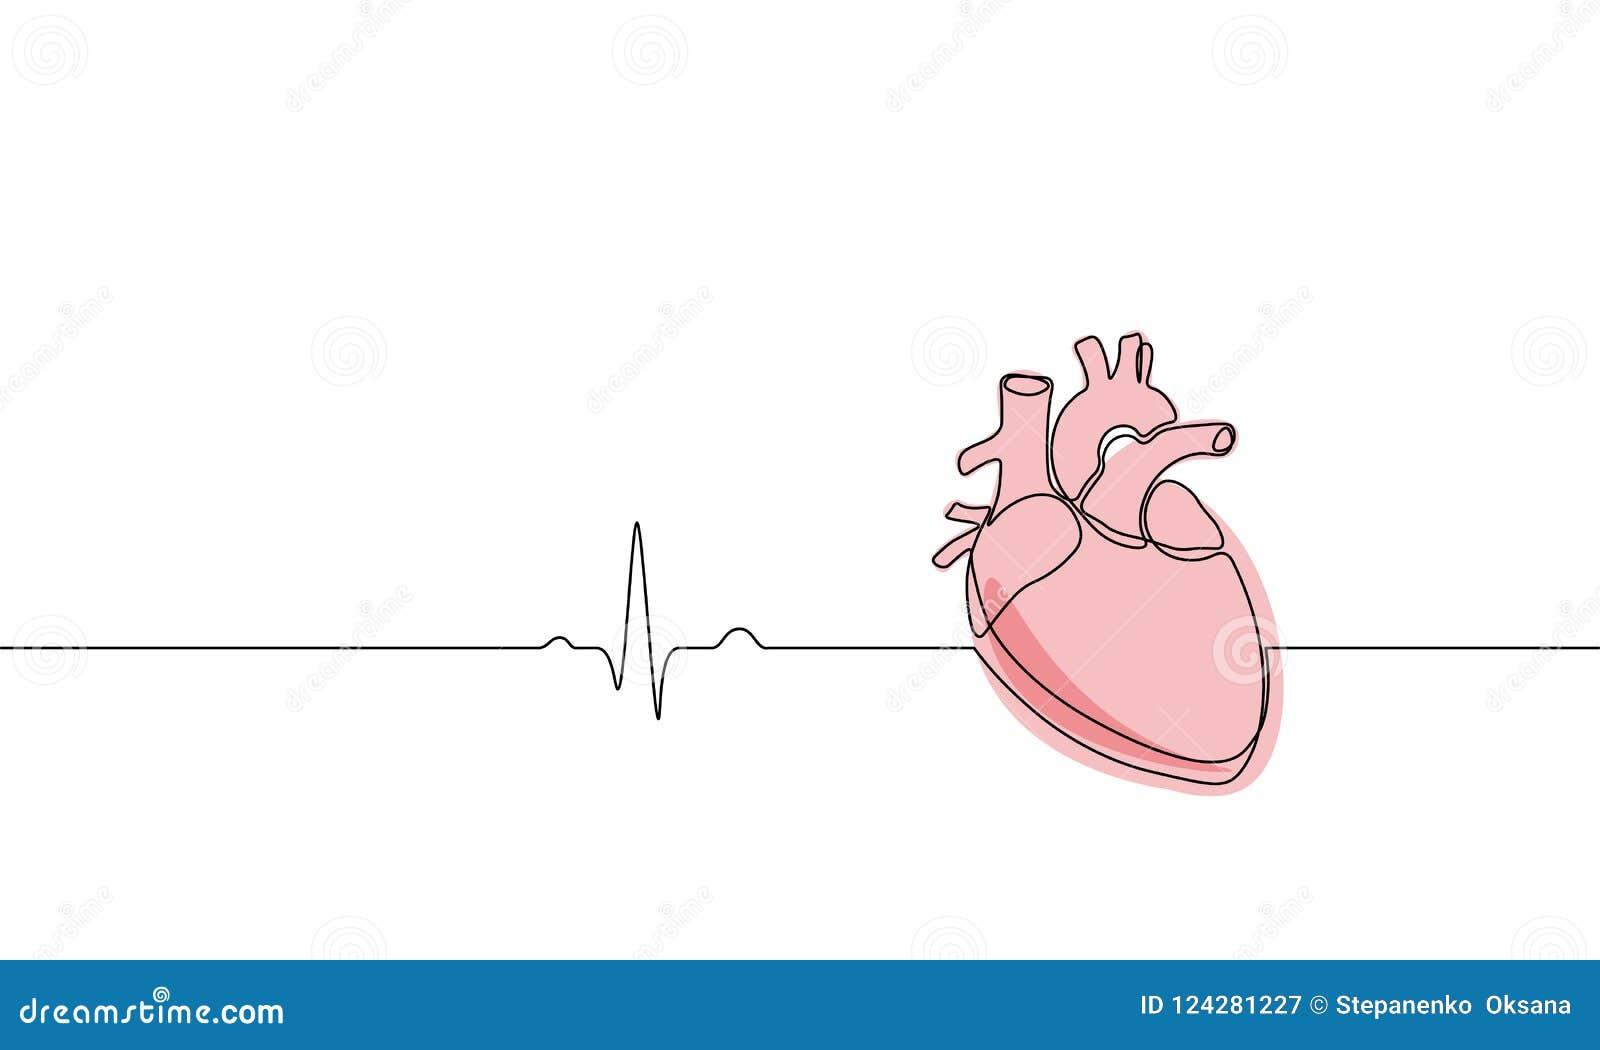 Escoja La Línea Continua Silueta Humana Anatómica Del Corazón Del ...